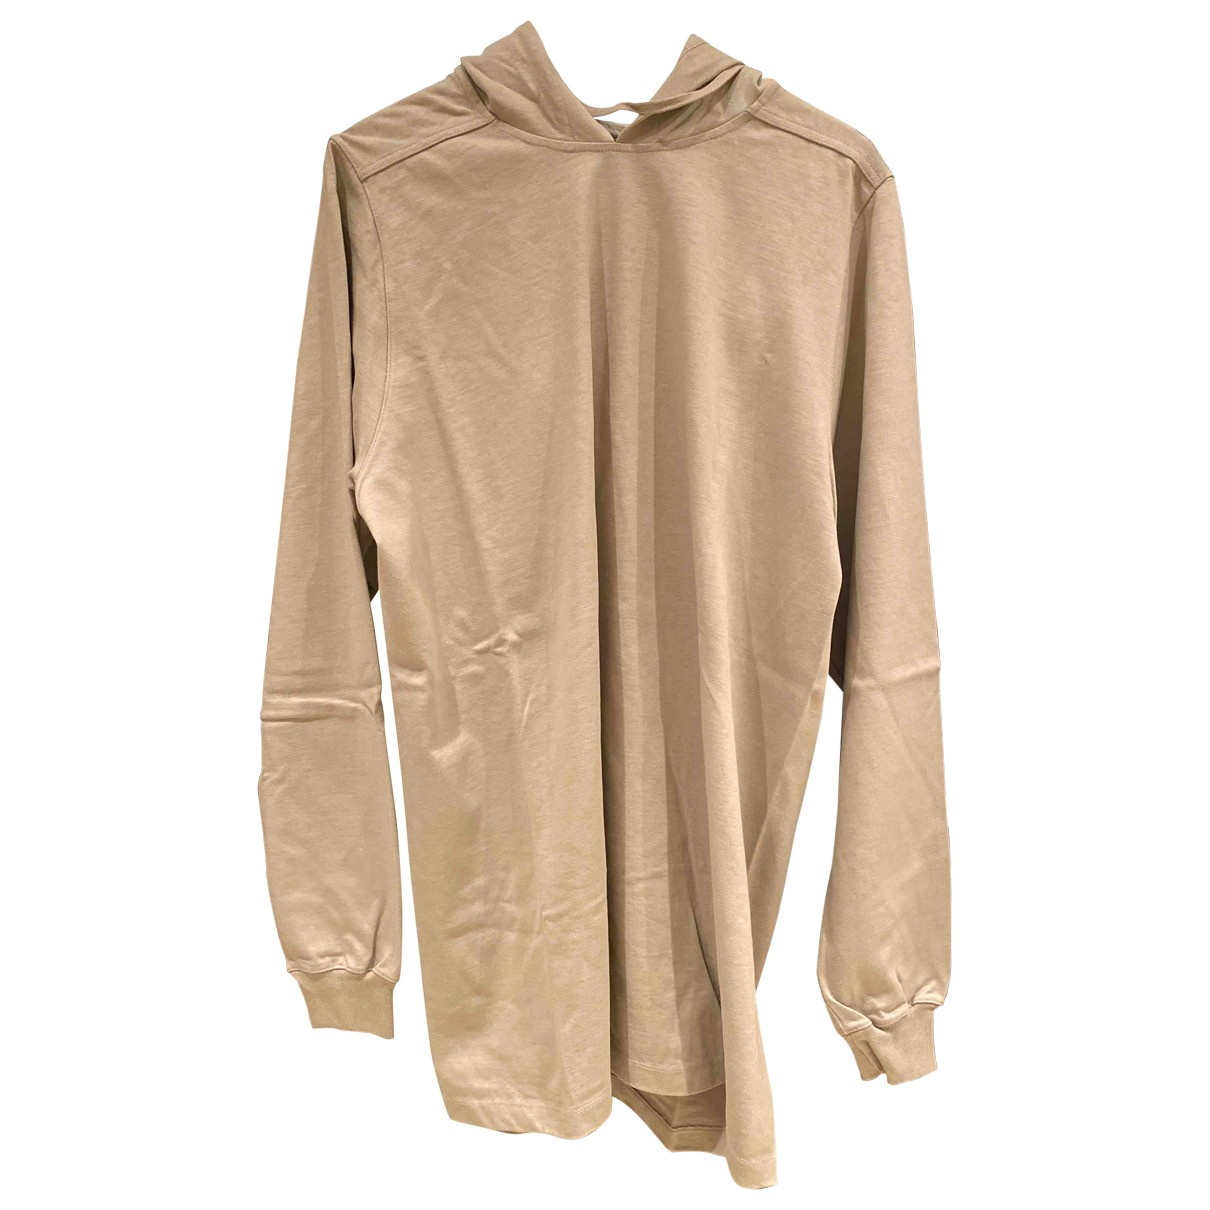 Rick Owens - Tee shirts   pour homme en coton - gris